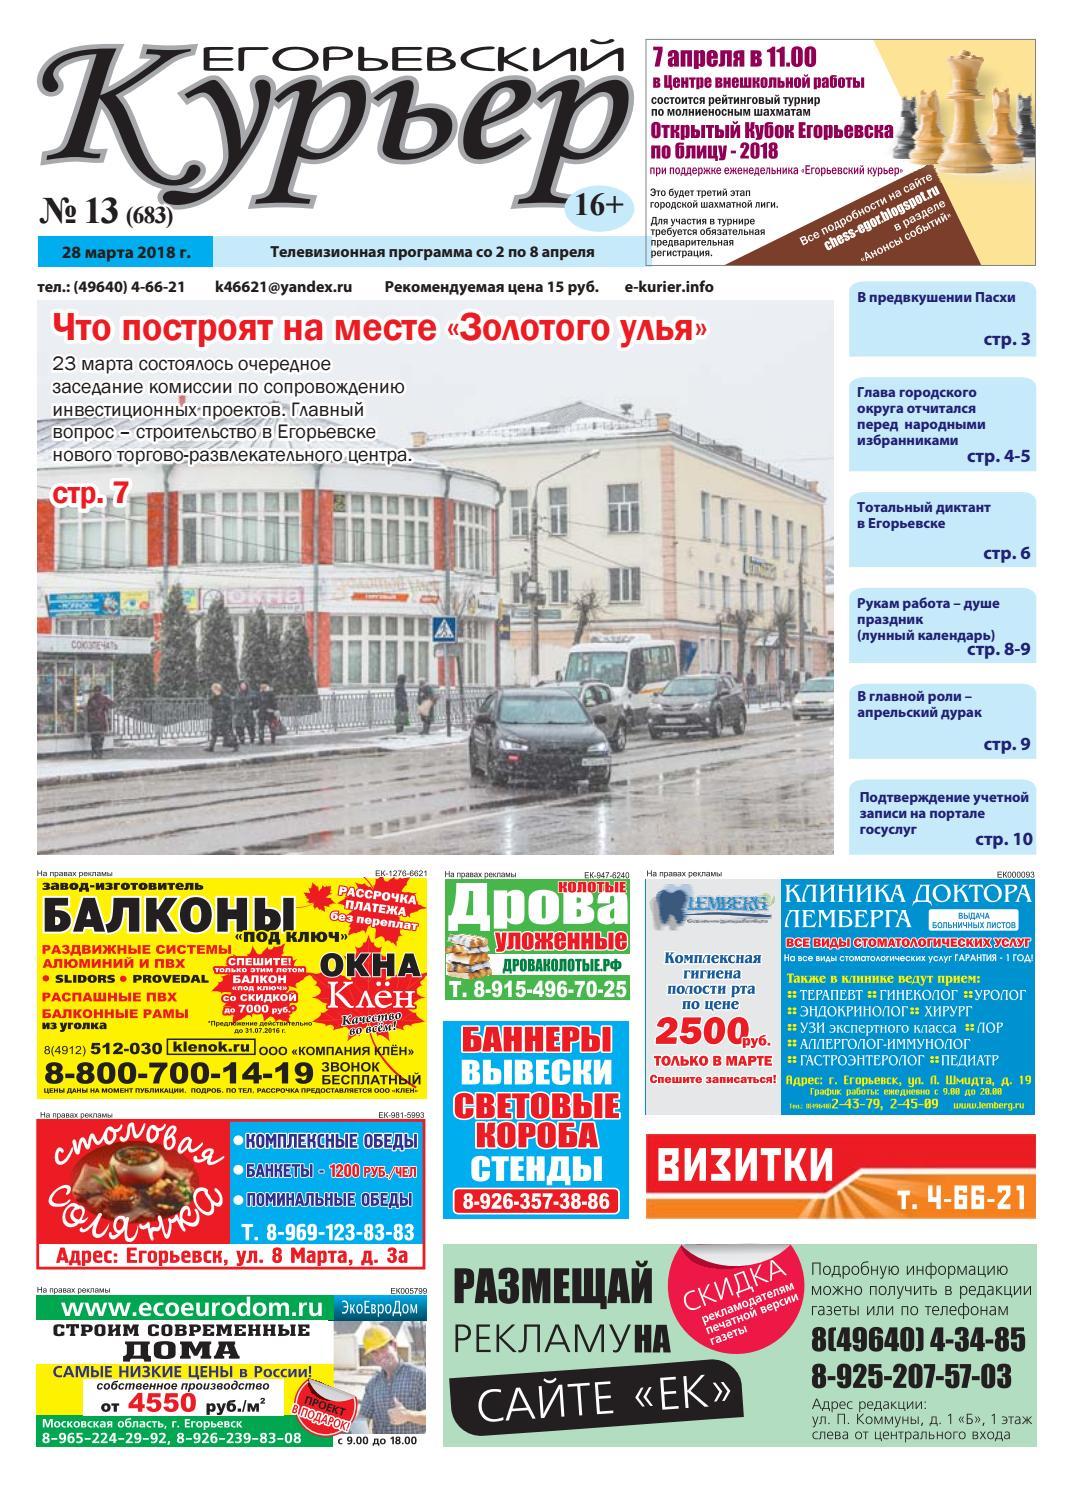 28 марта 2018 г №13 (683) by Егорьевский КУРЬЕР - issuu 9ce987972a3